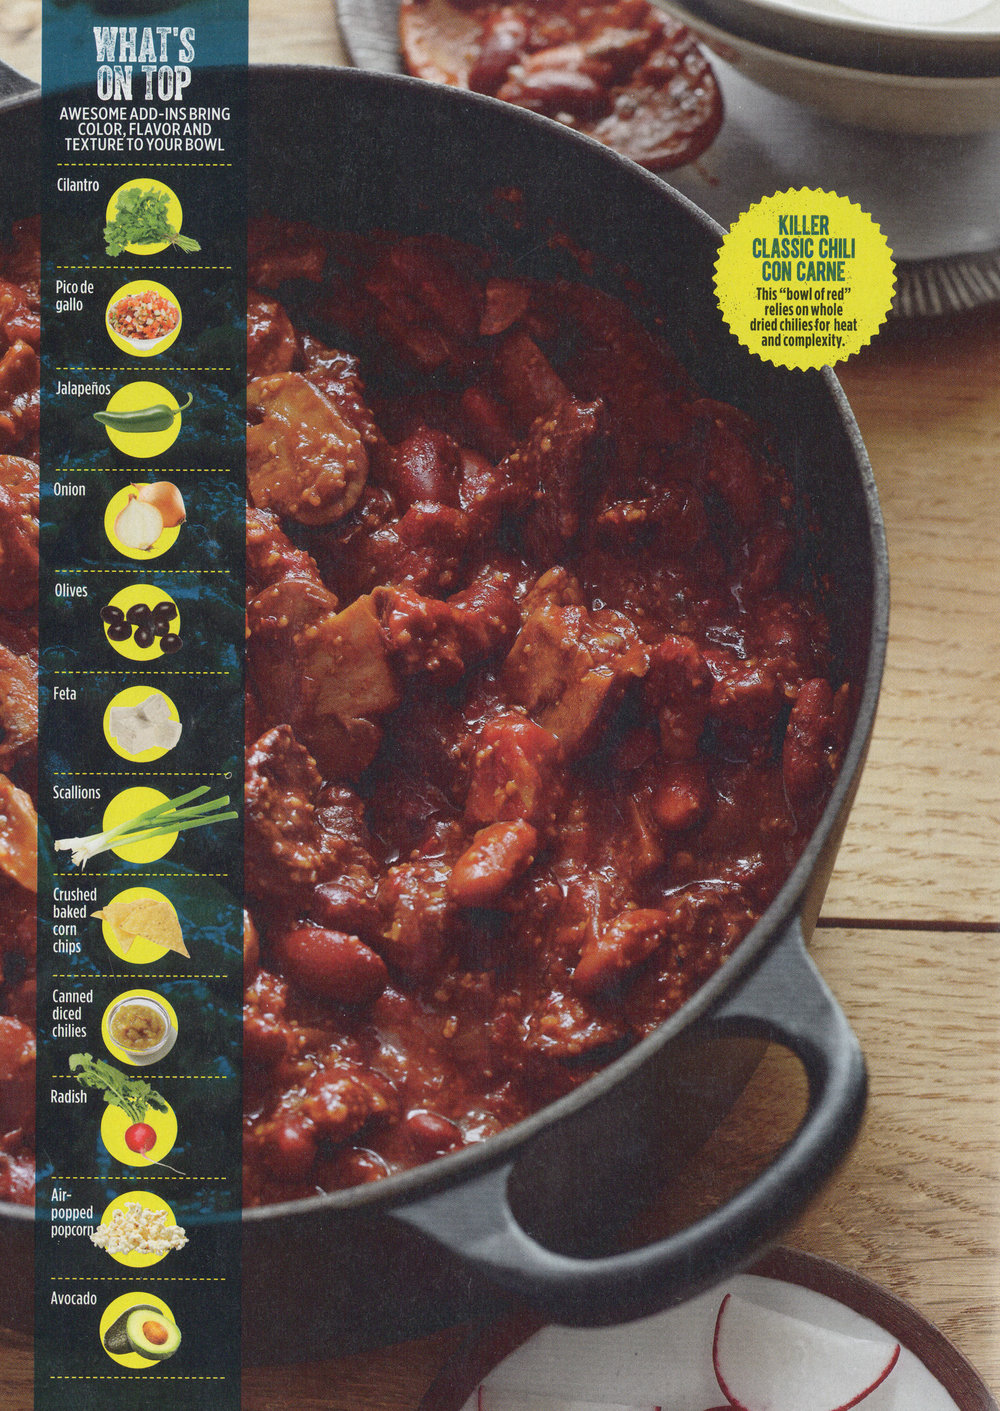 killer classic chili con carne.jpg